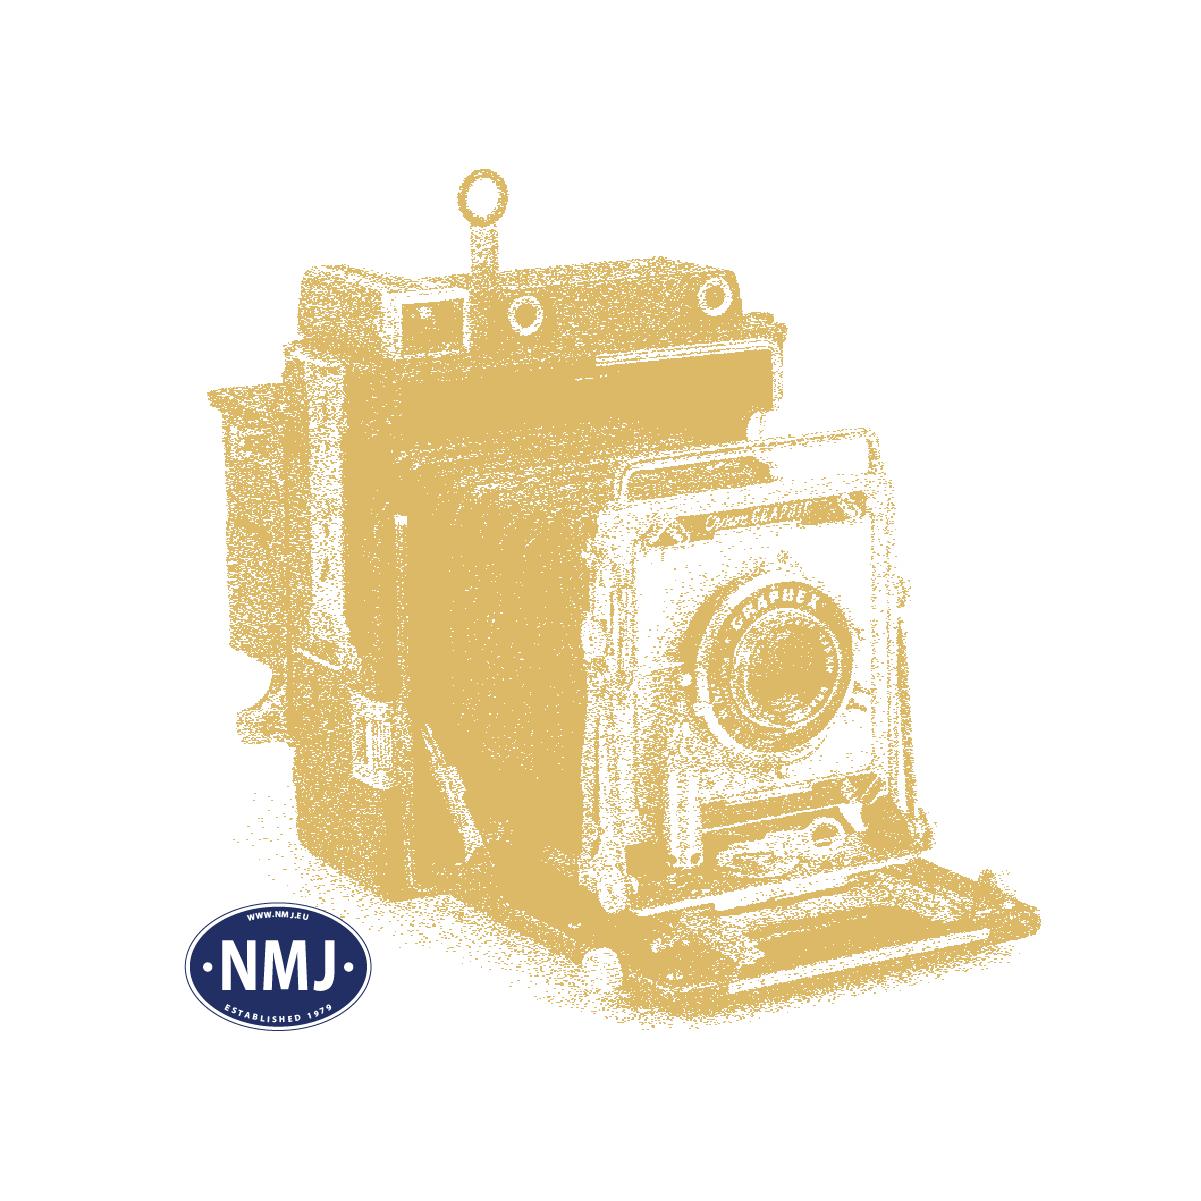 NMJT507.117 - NMJ Topline CargoNet Lgns 42 76 443 2040-5, LINJEGODS